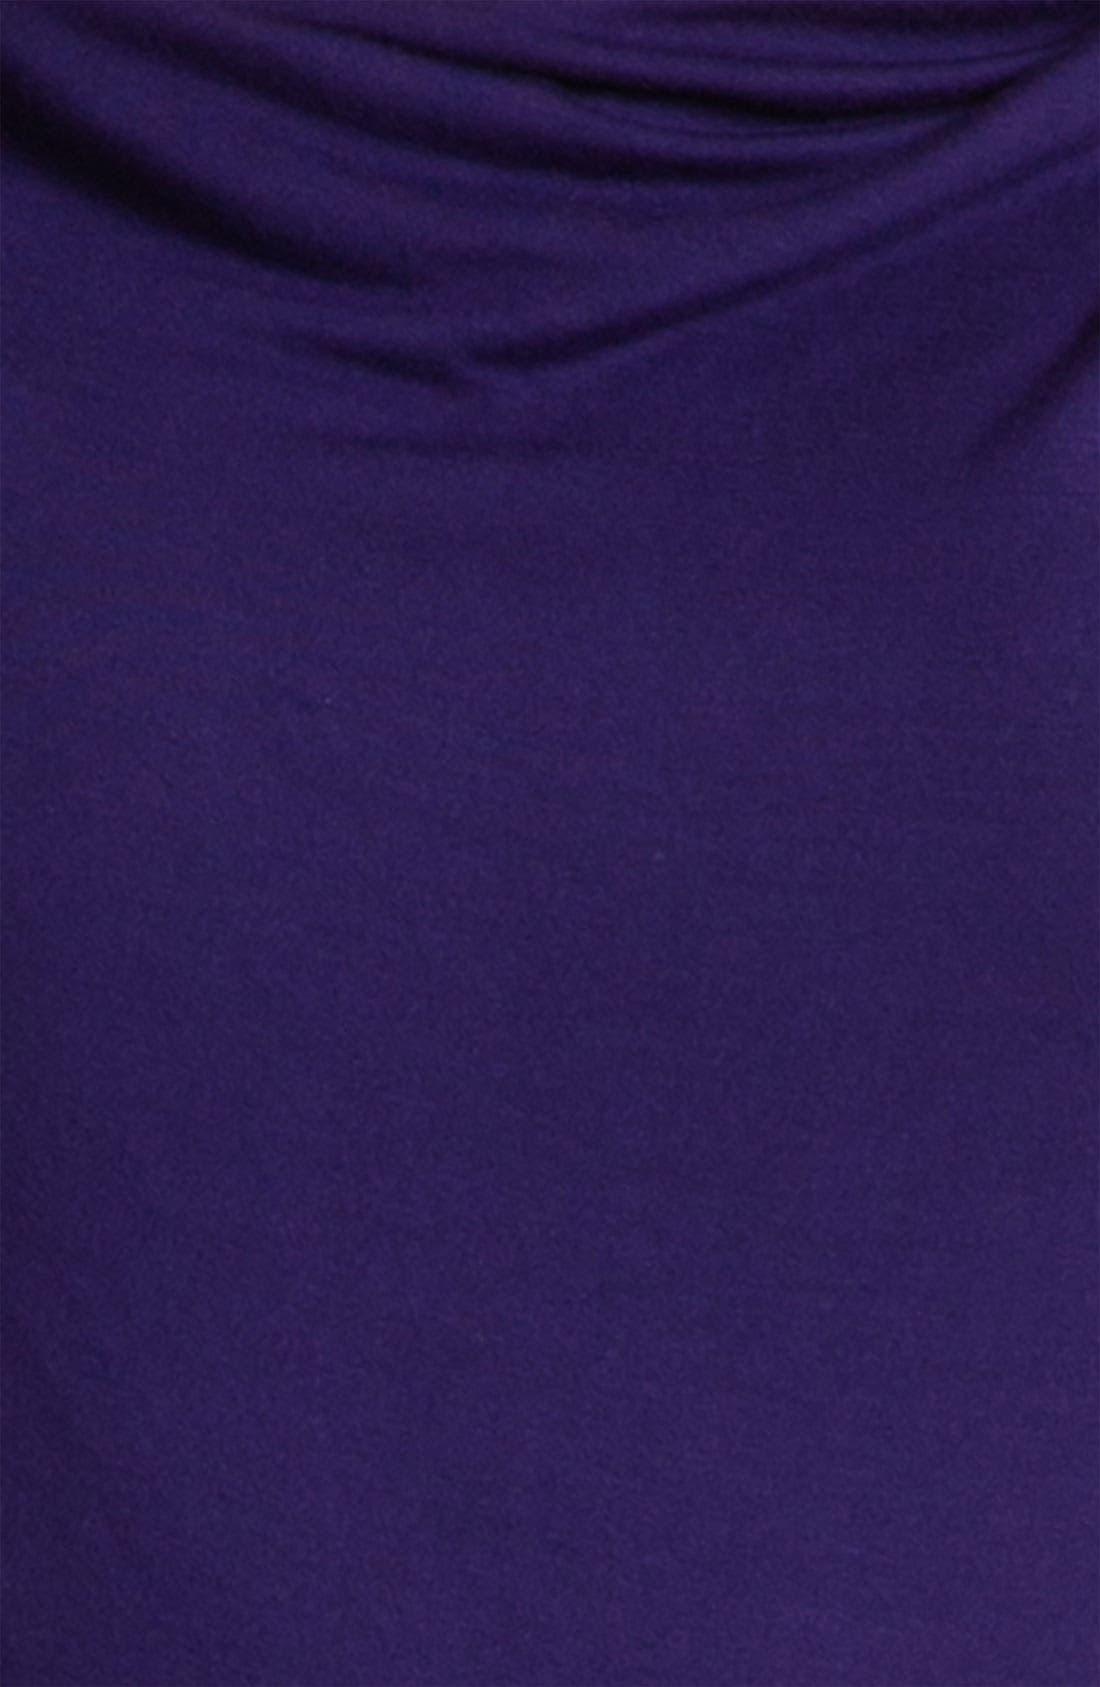 Alternate Image 3  - T Tahari 'Jacquelin' Knit Top (Petite)